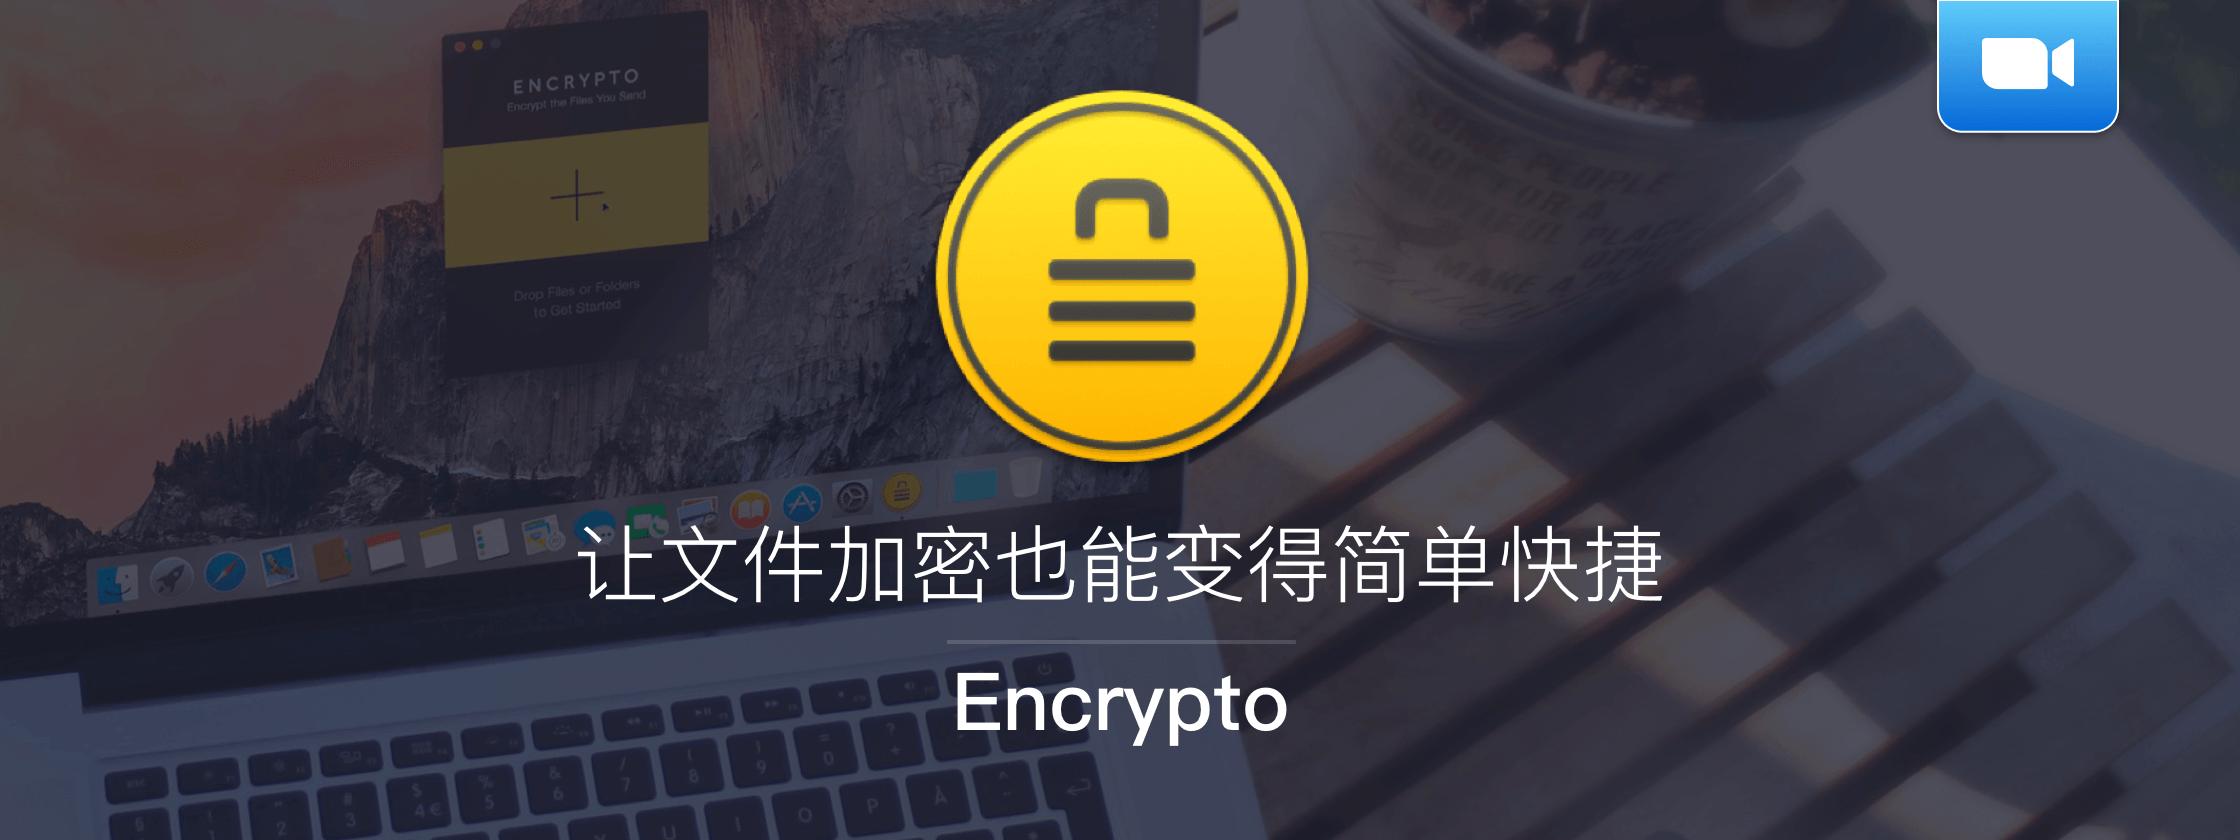 【视频】Encrypto,让文件加密也能变得简单快捷